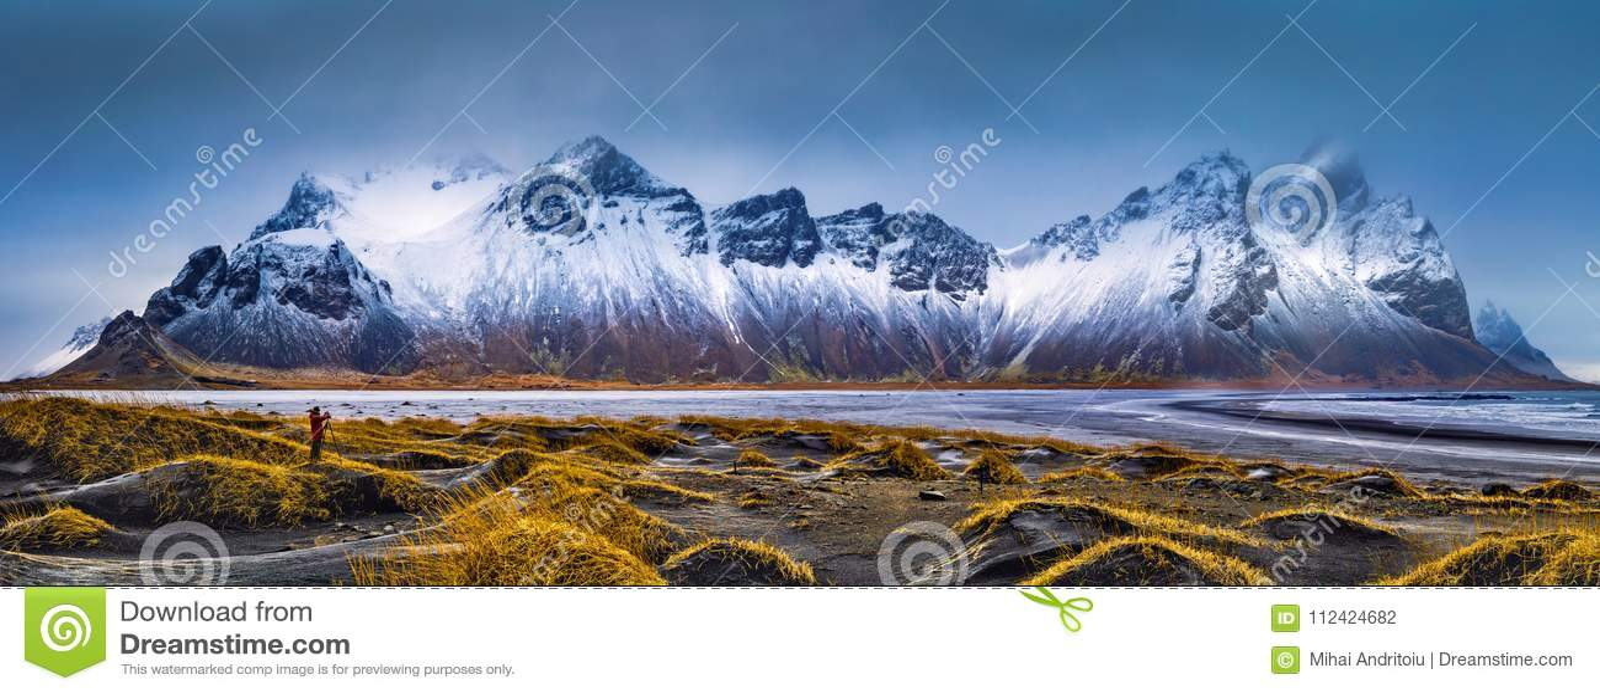 Vestrahorn bergskedja och Stokksnes strandpanorama